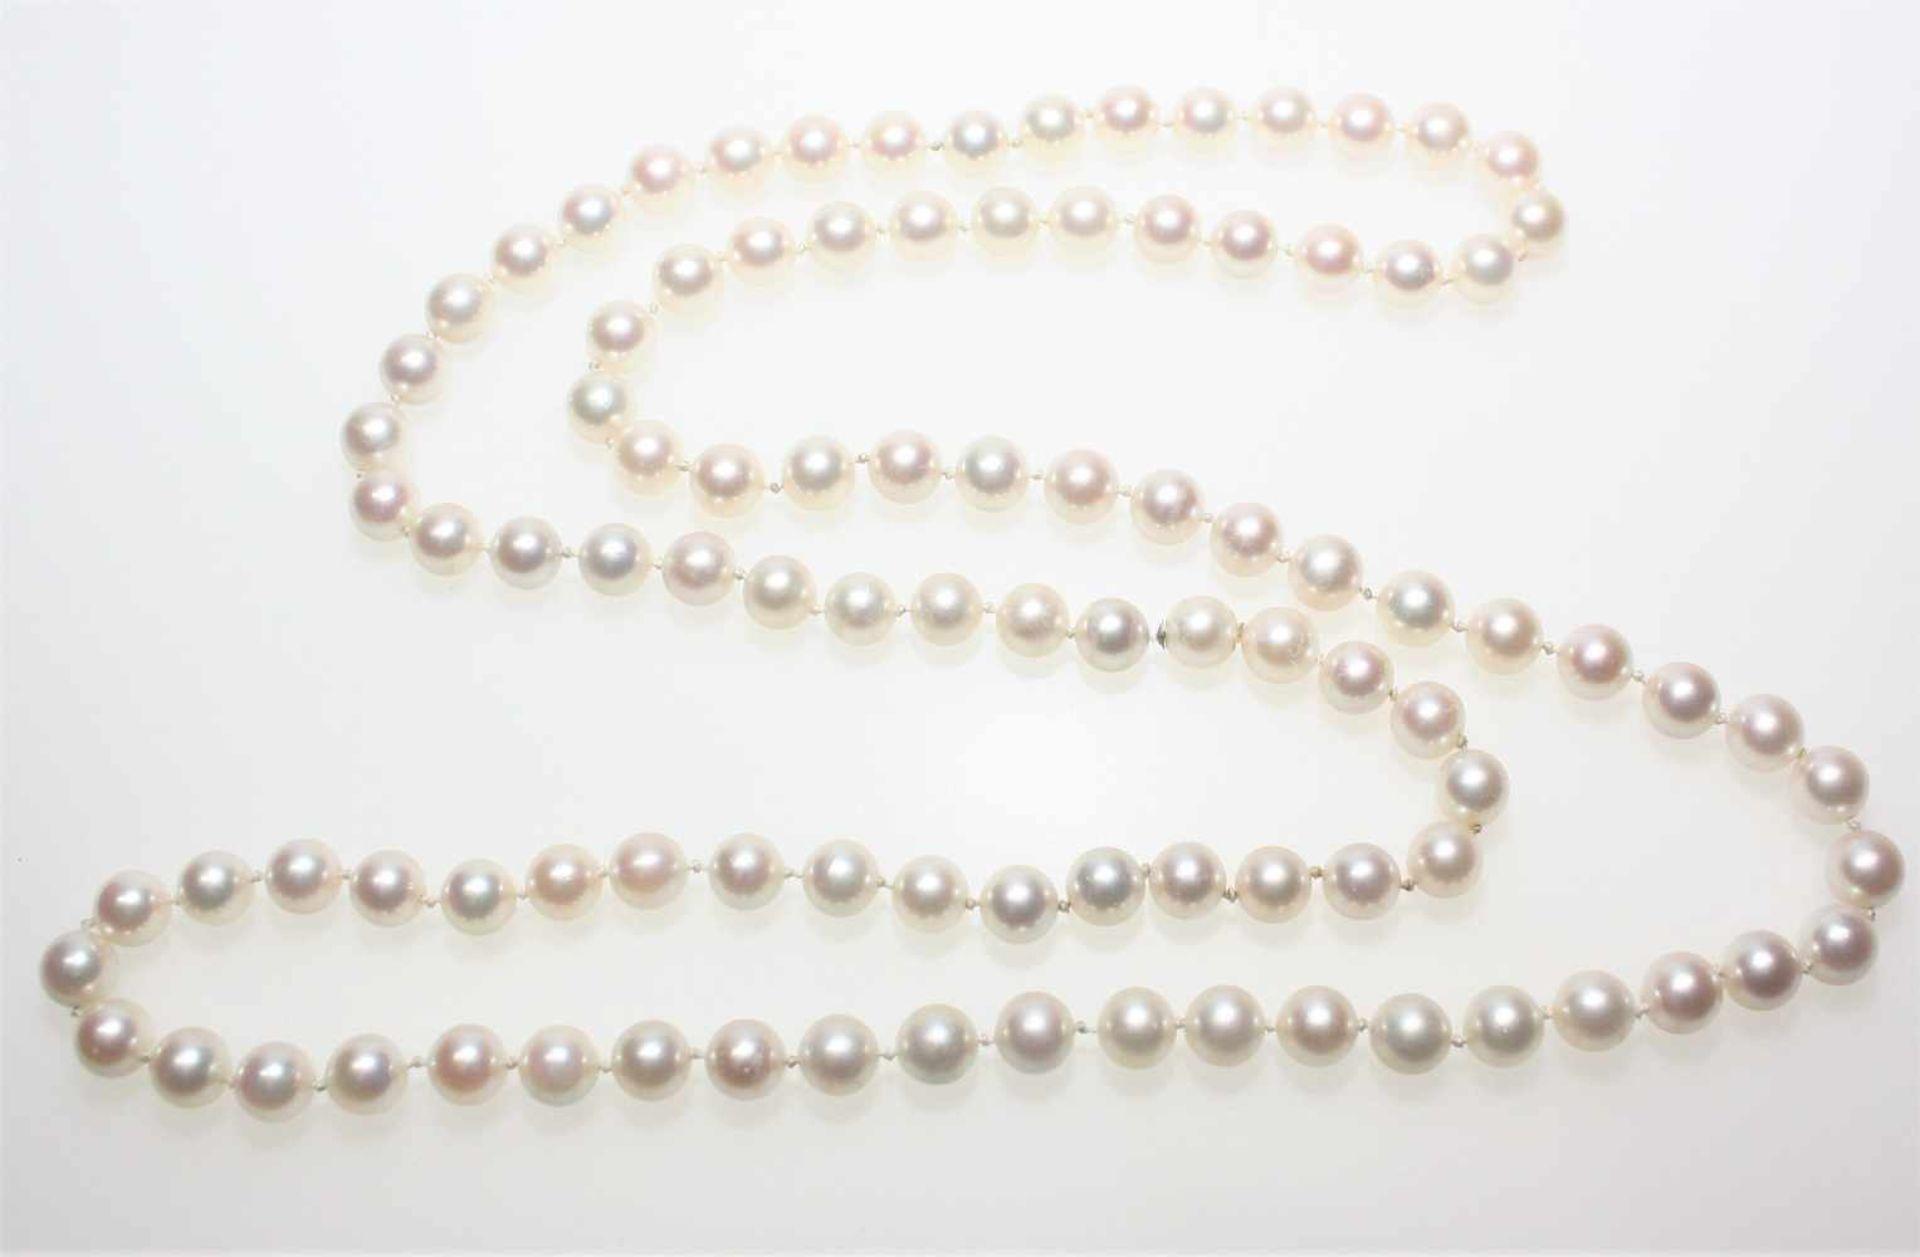 Los 54 - Lange Zuchtperlenkette Choker, endlos ohne Schloss aufgezogen, Perlen in gutem Lüster, Durchm. ca.